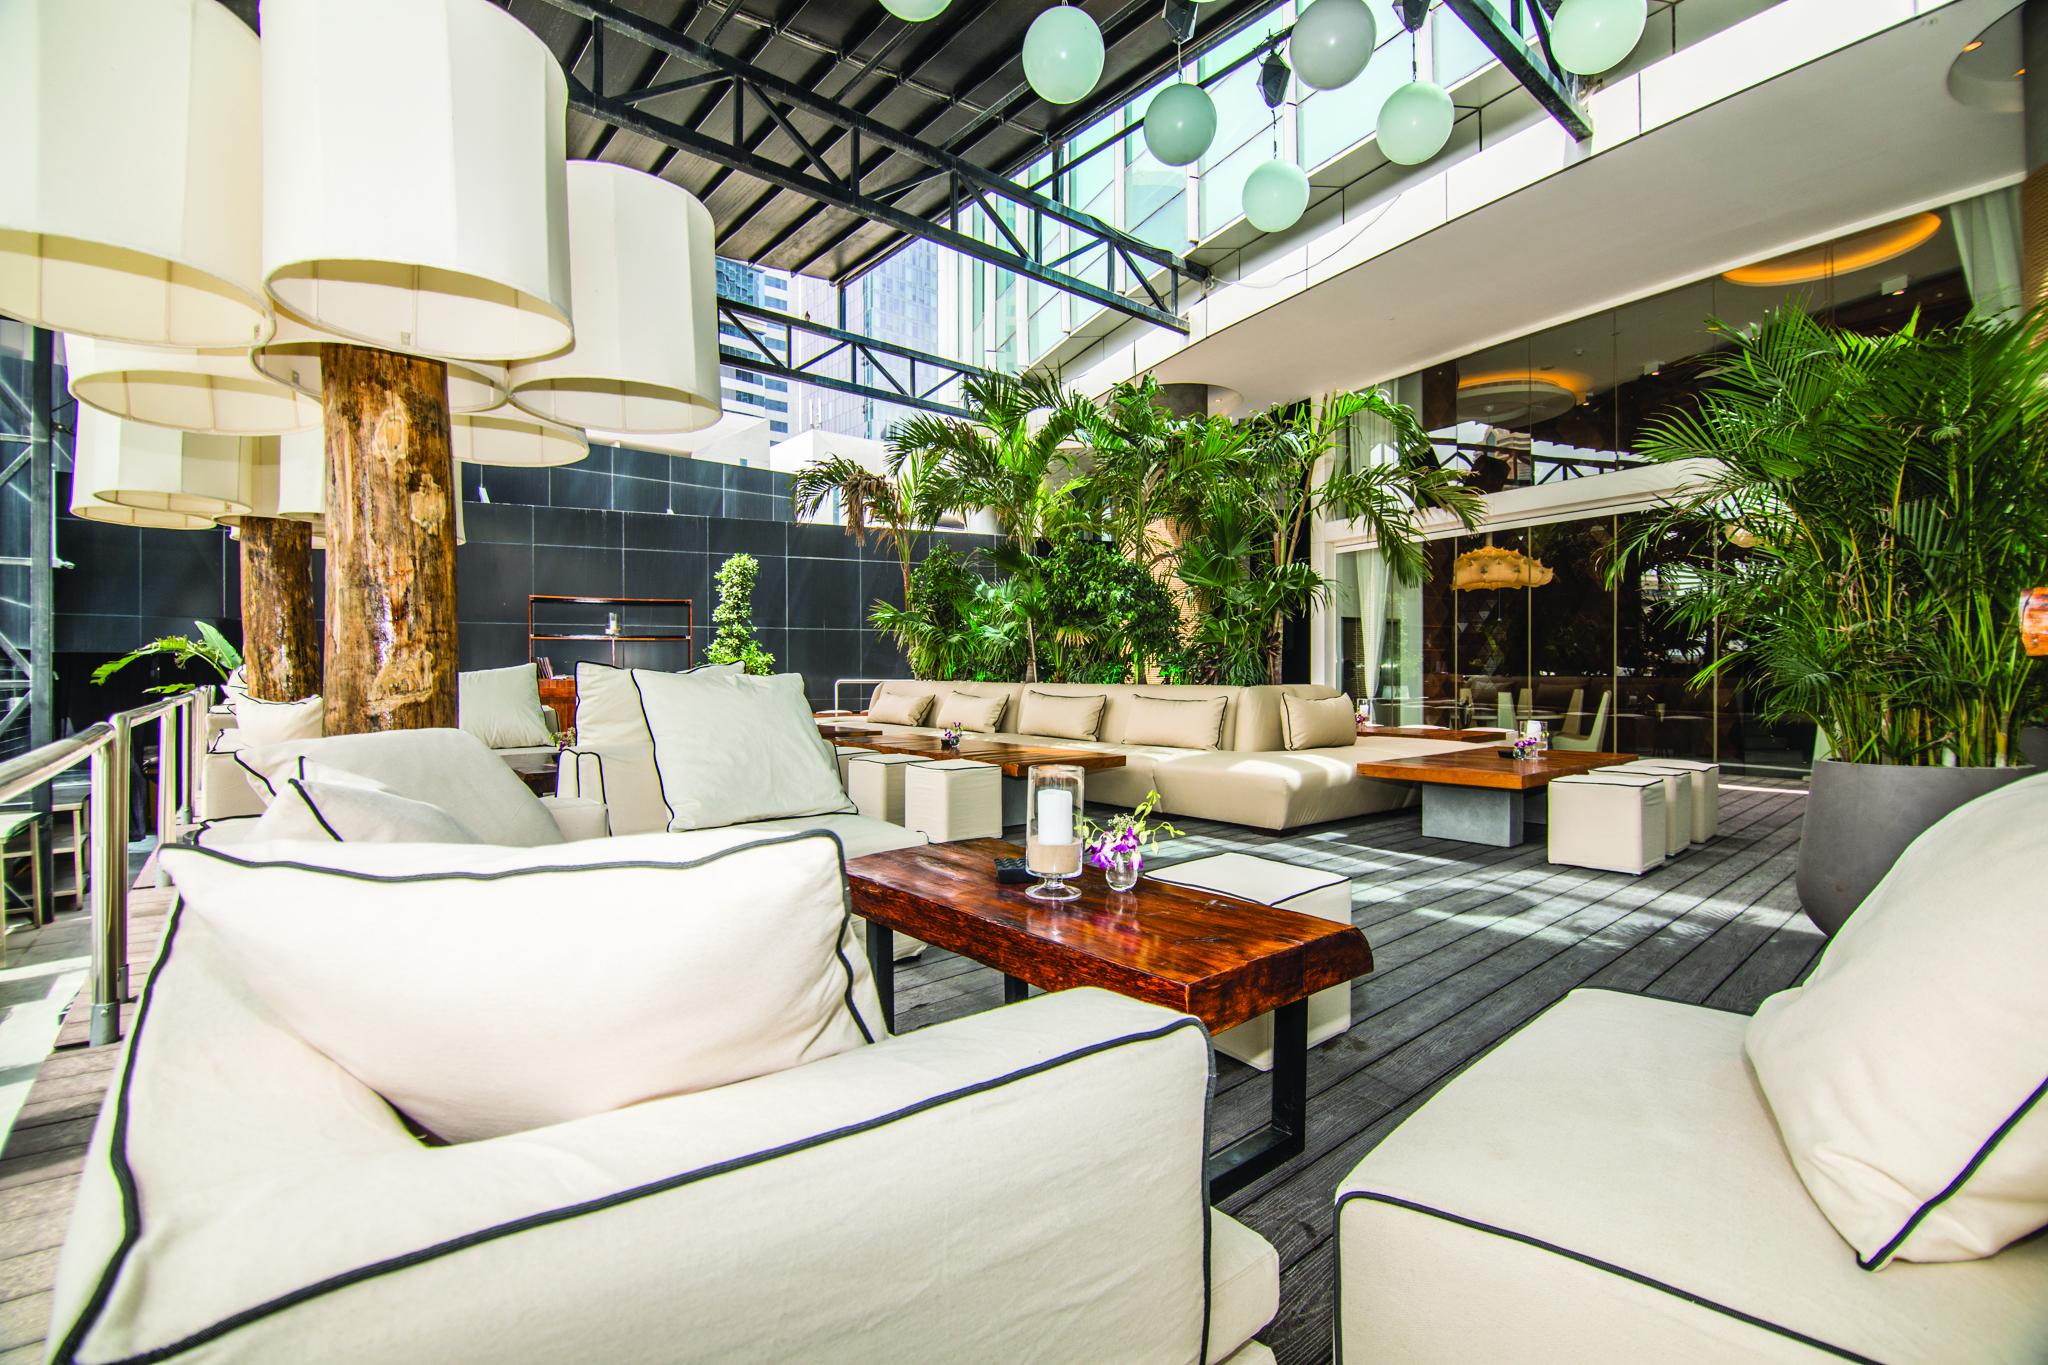 مطعم سيفن إليفانتس دبي يفتتح أبوابه في مركز دبي المالي العالمي